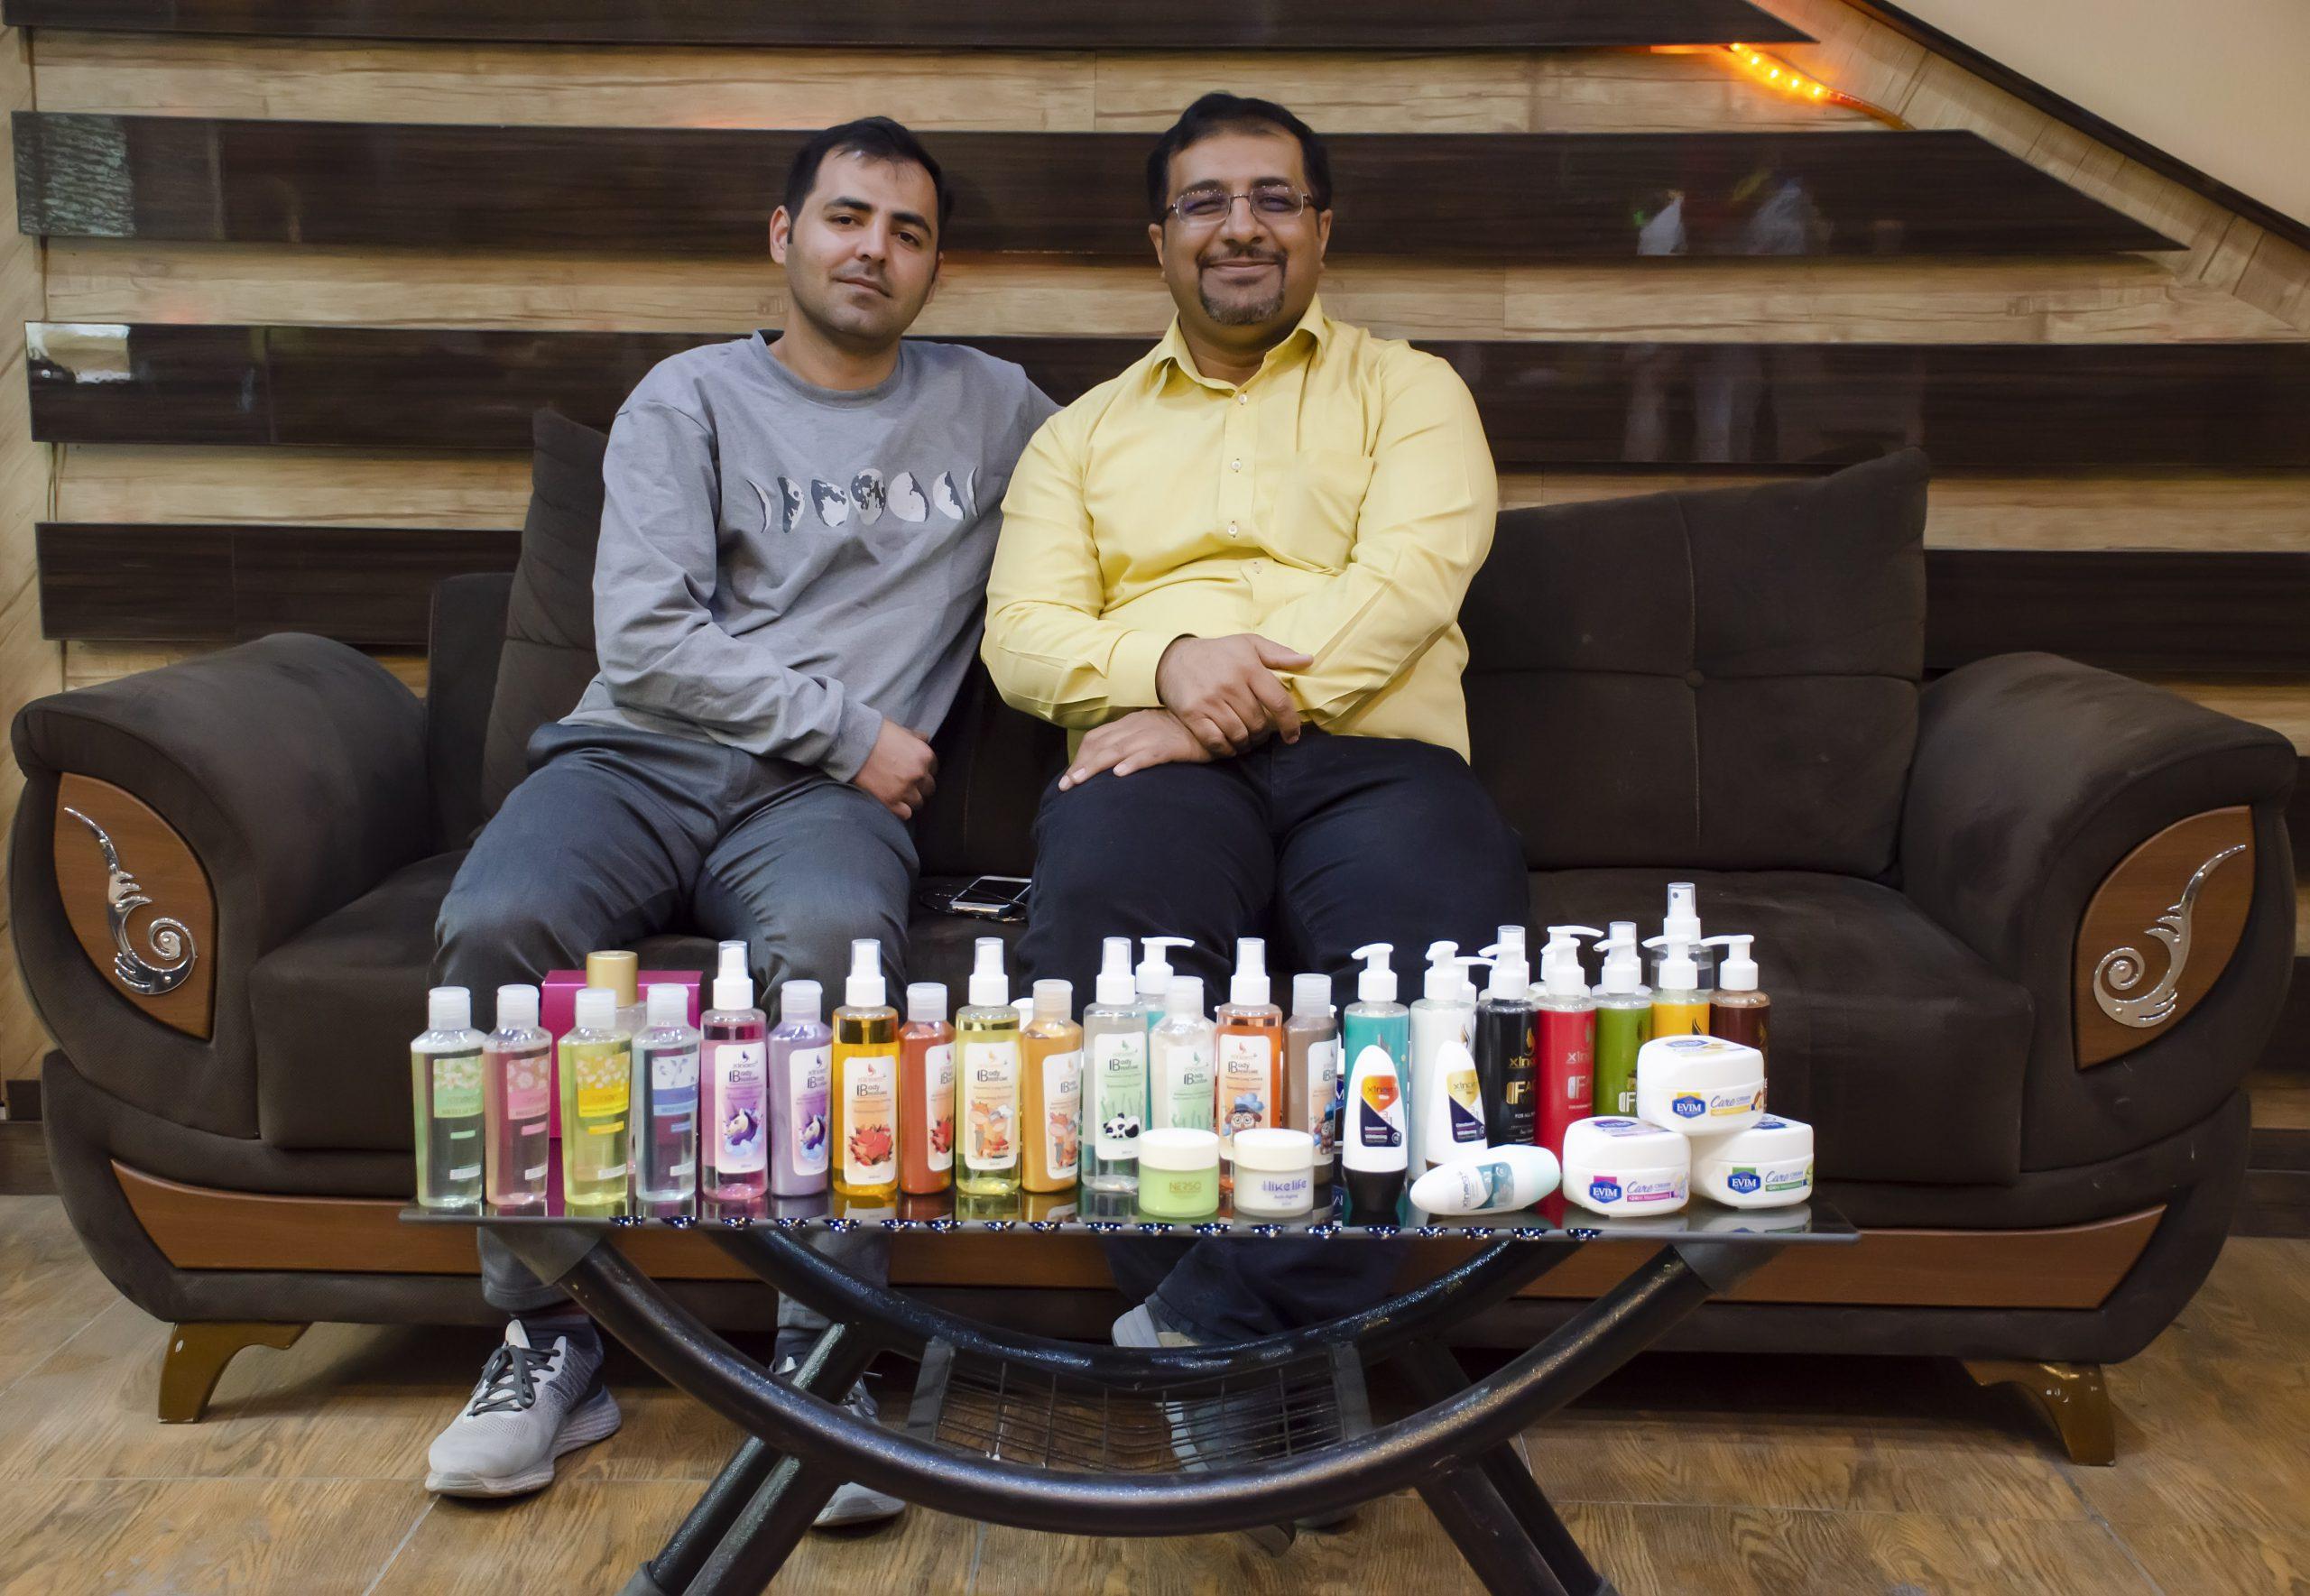 ژینوا بررسی ساخت محصولات آرایشی و بهداشتی